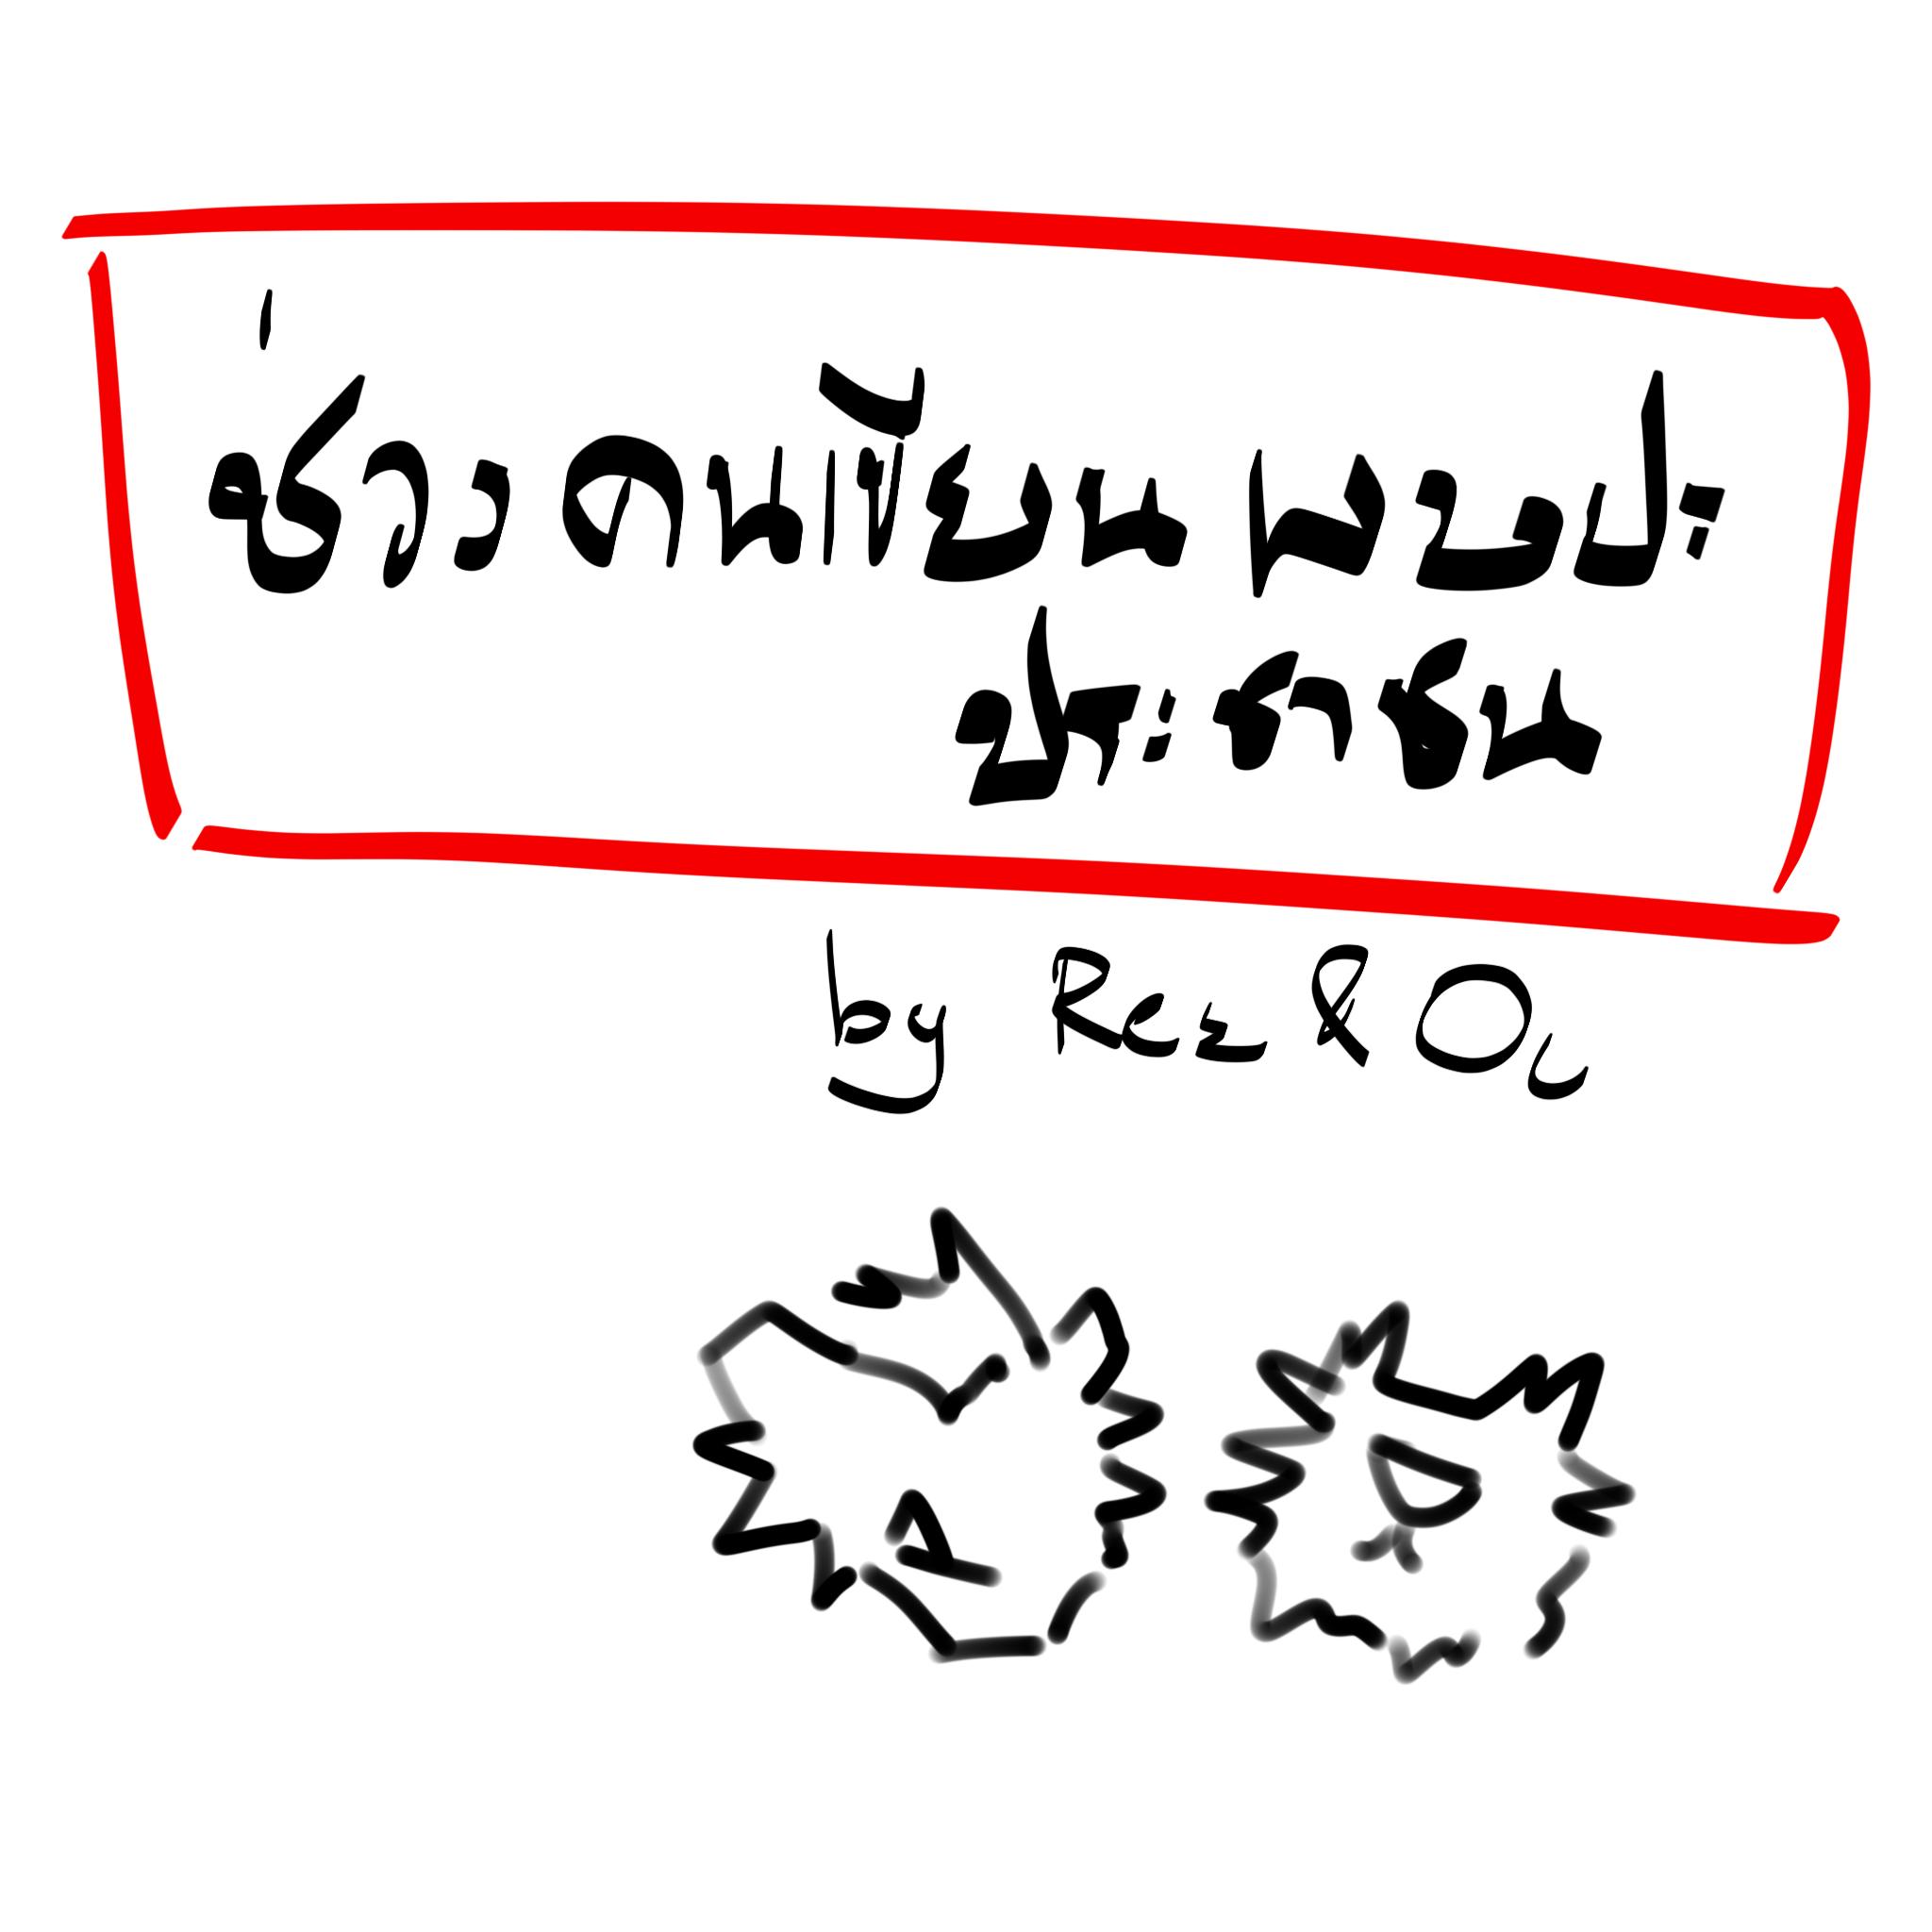 22.1 - ตอนพิเศษ คนเขียนพบปะประชาชน by Rez&Oc